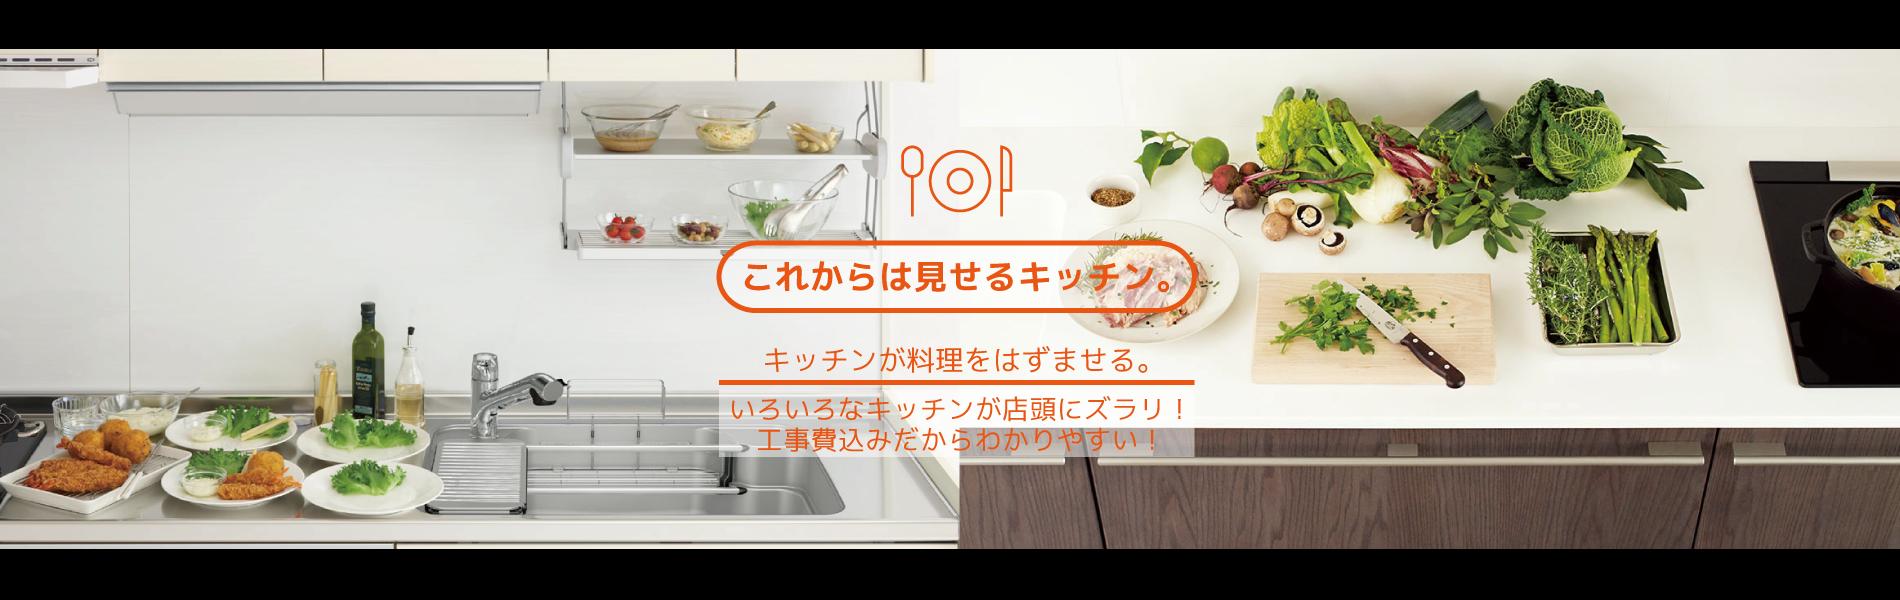 SELOの見せるキッチン